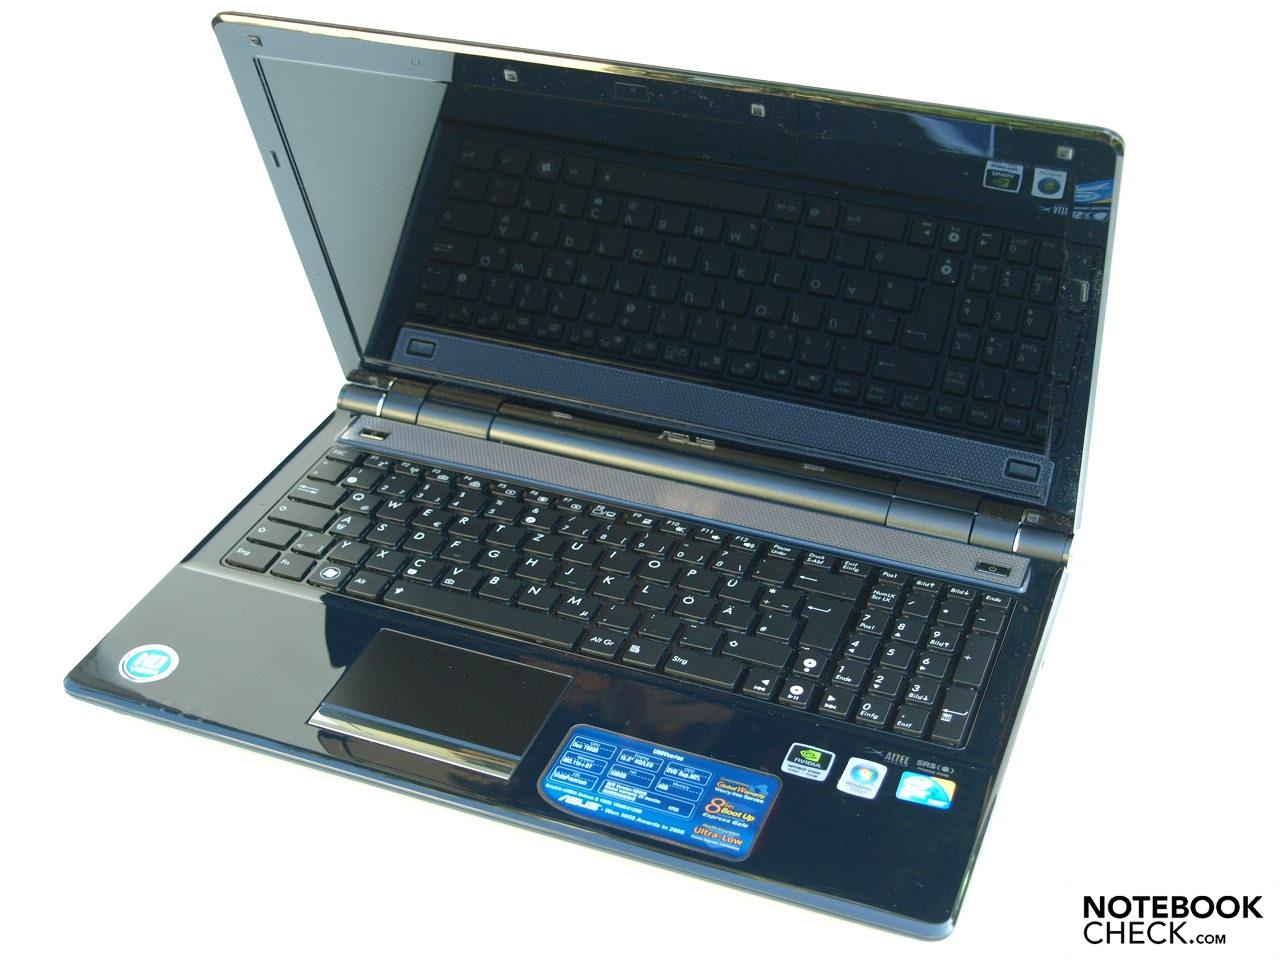 Asus U50Vg Notebook Realtek Audio Drivers Windows